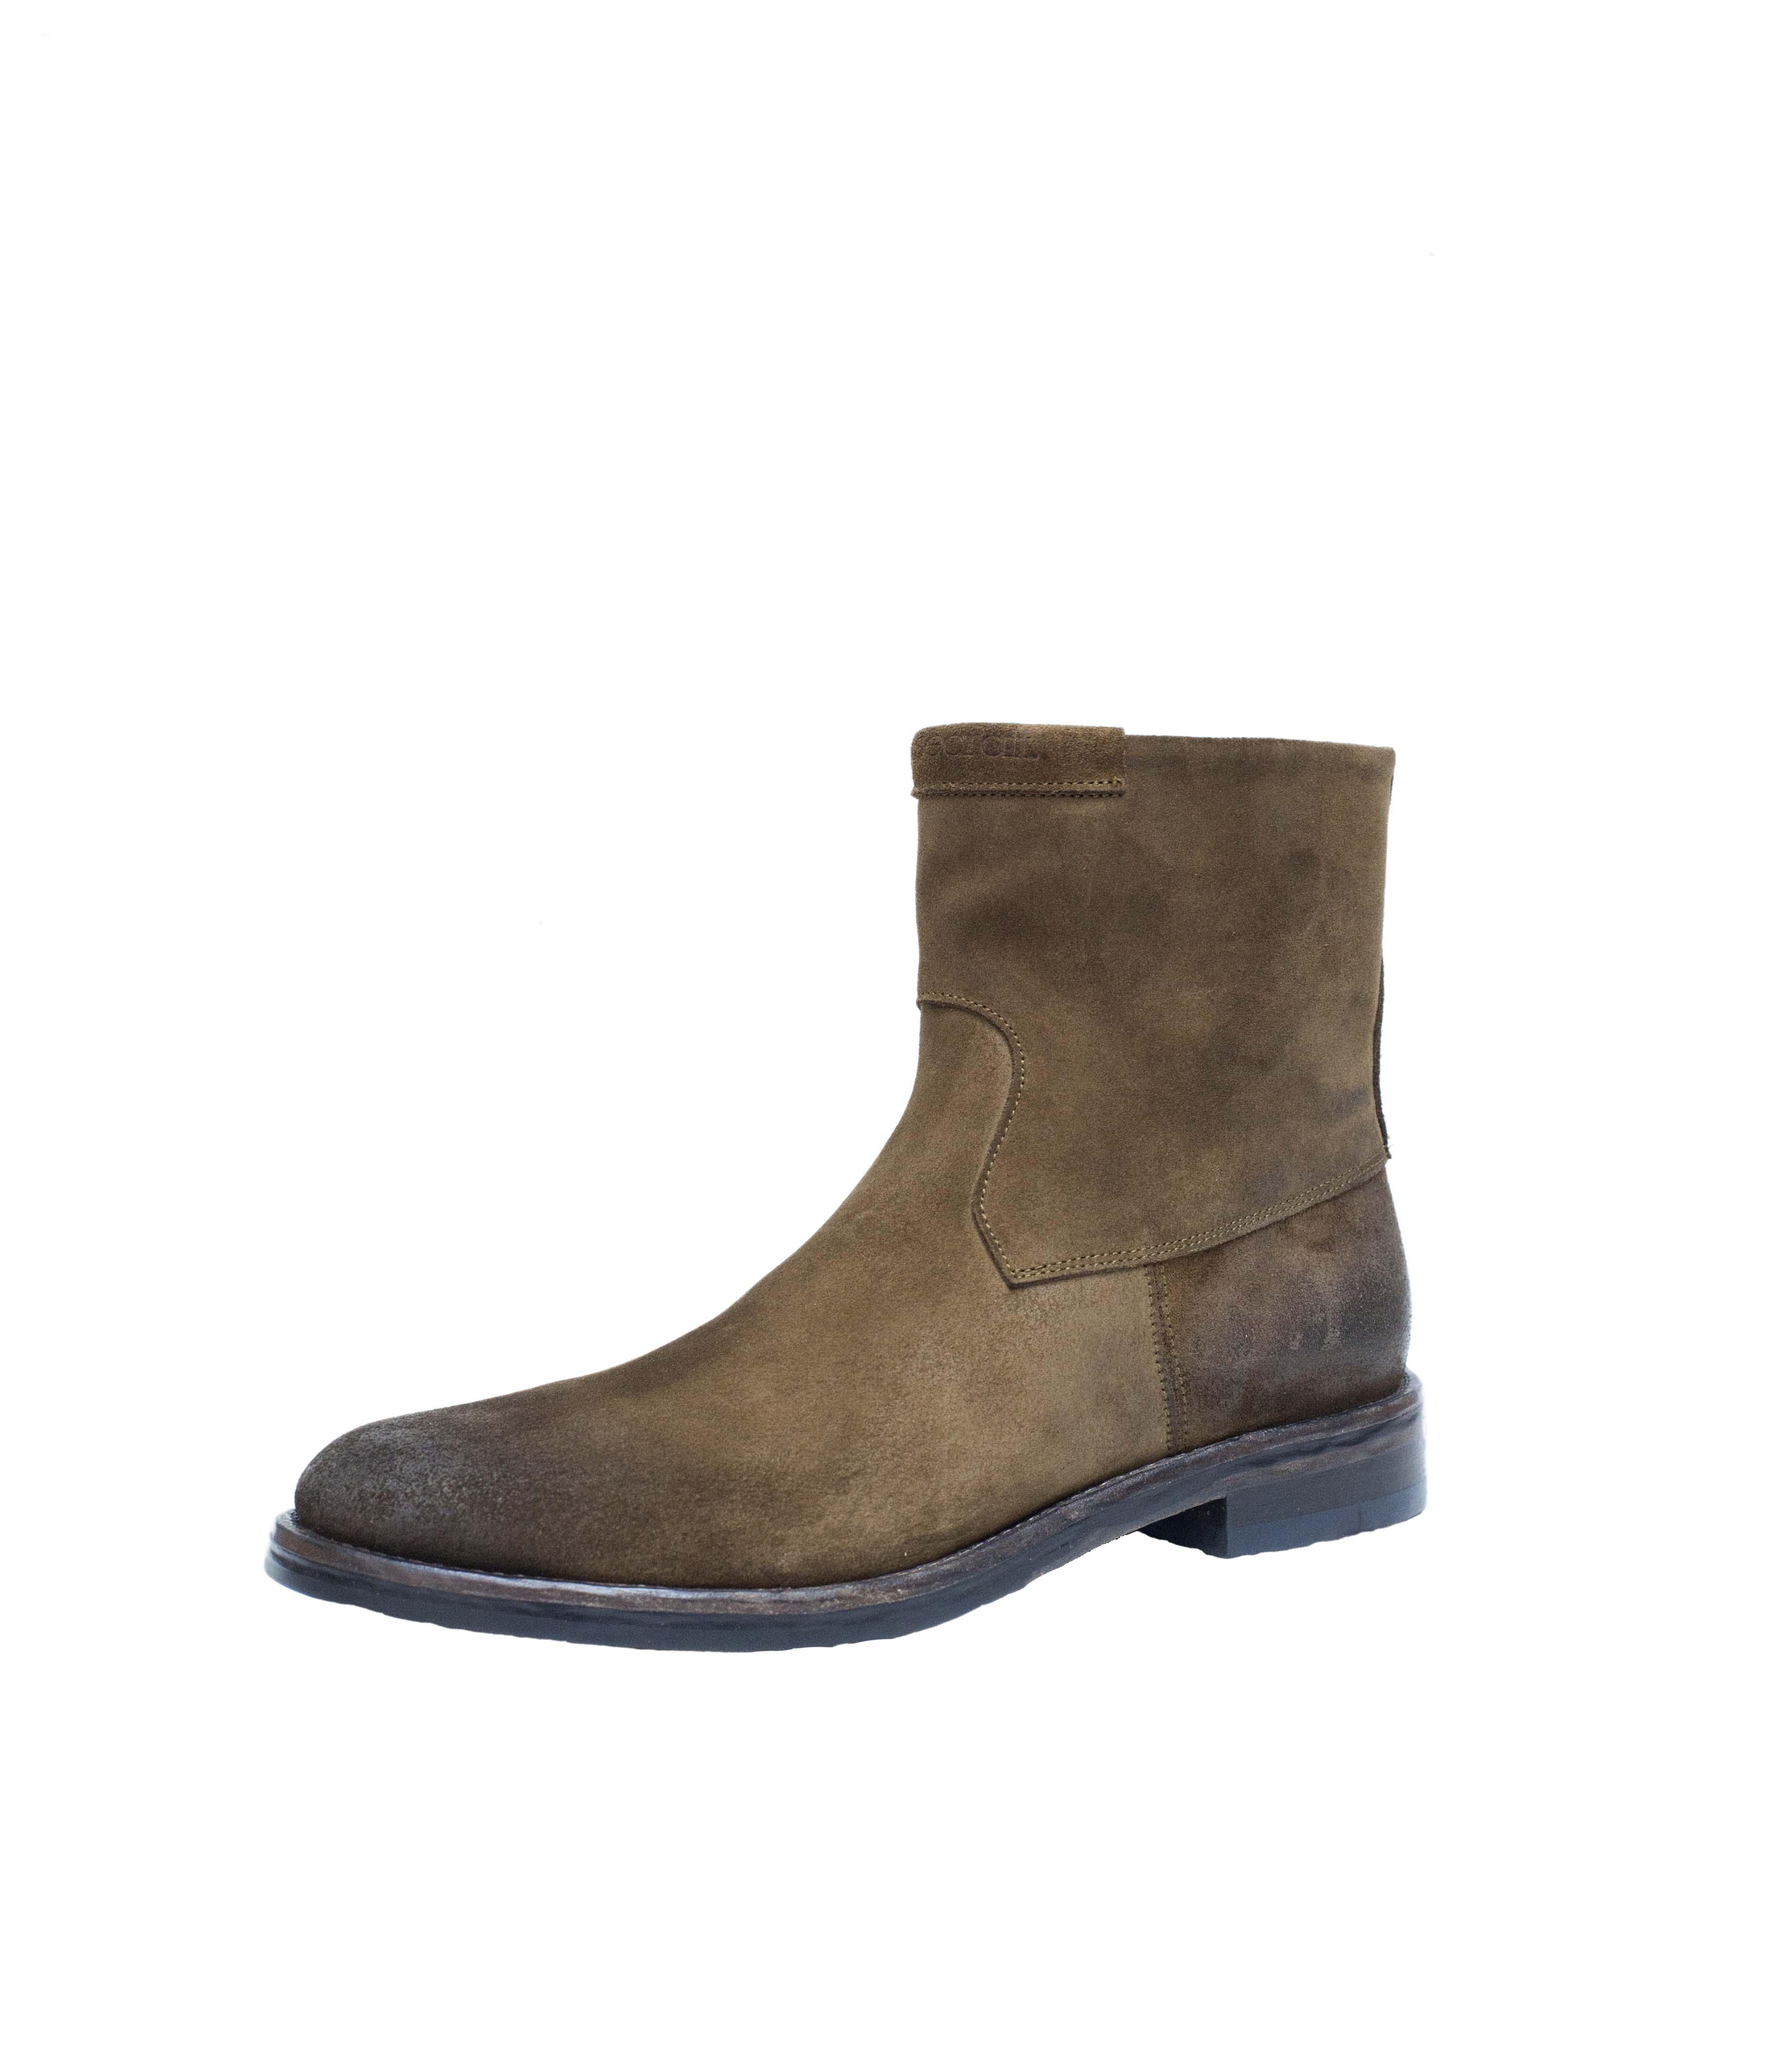 Goosecraft schoenencollectie (5)